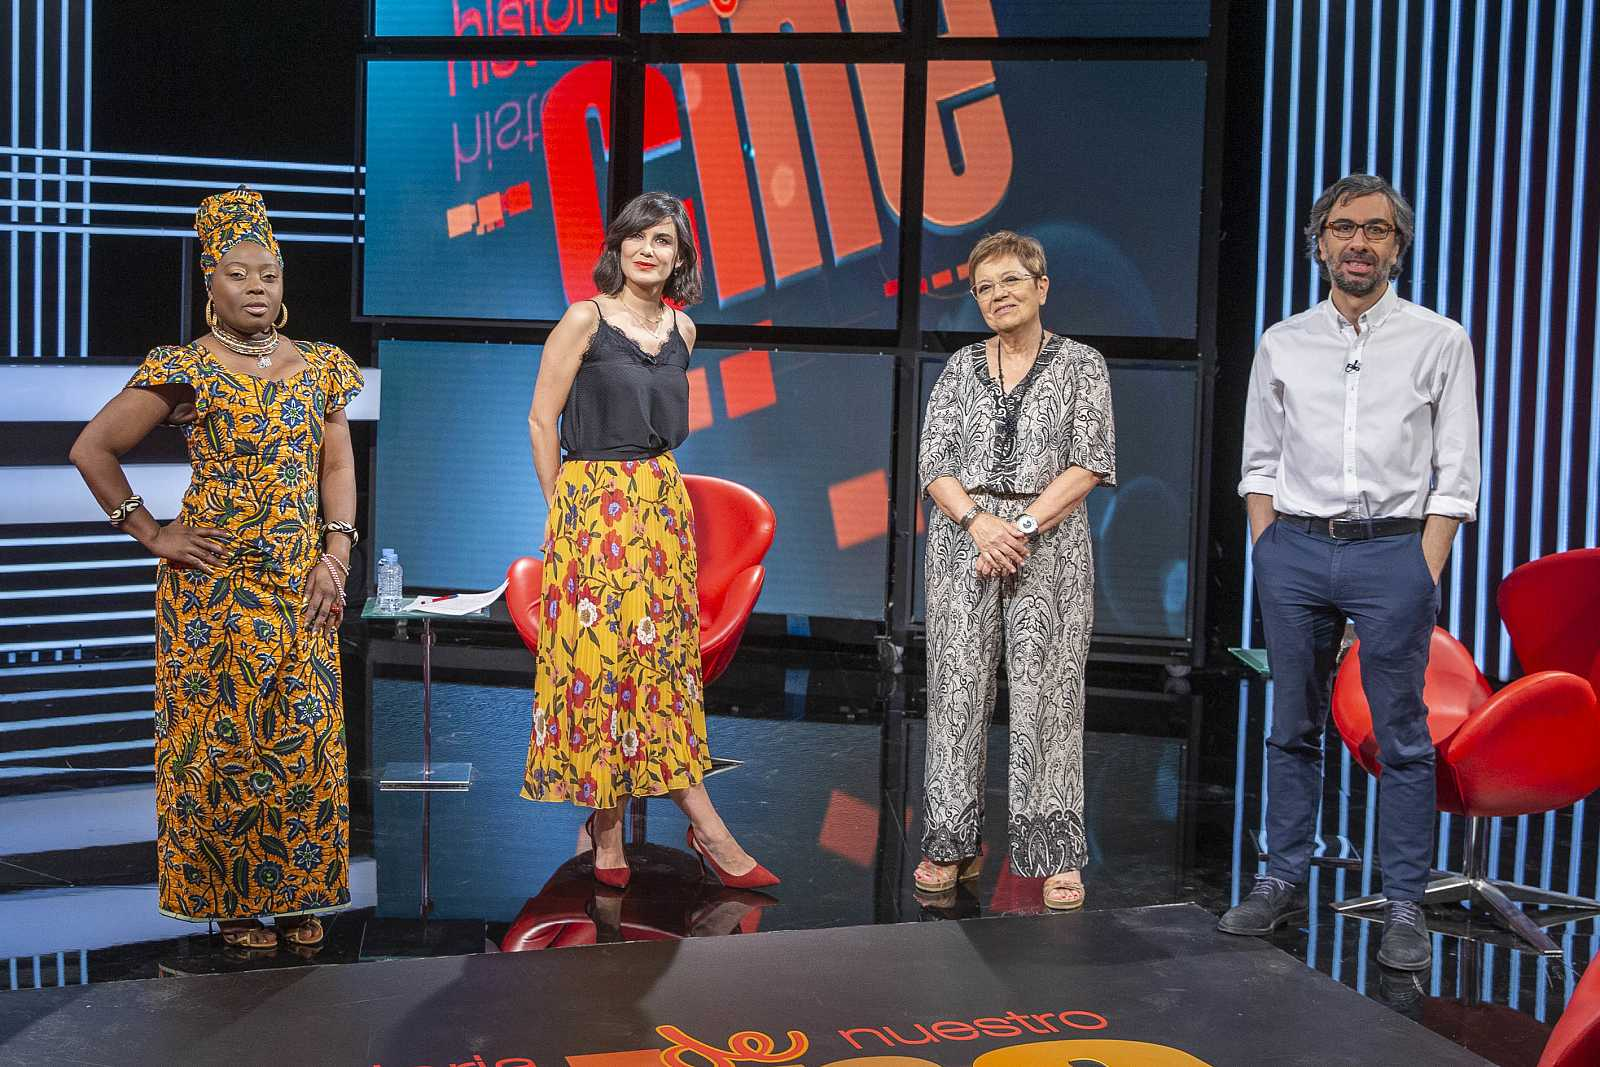 Cecilia Bartolomé, Paloma Loribo, Javier Ocaña y Elena S Sánchez